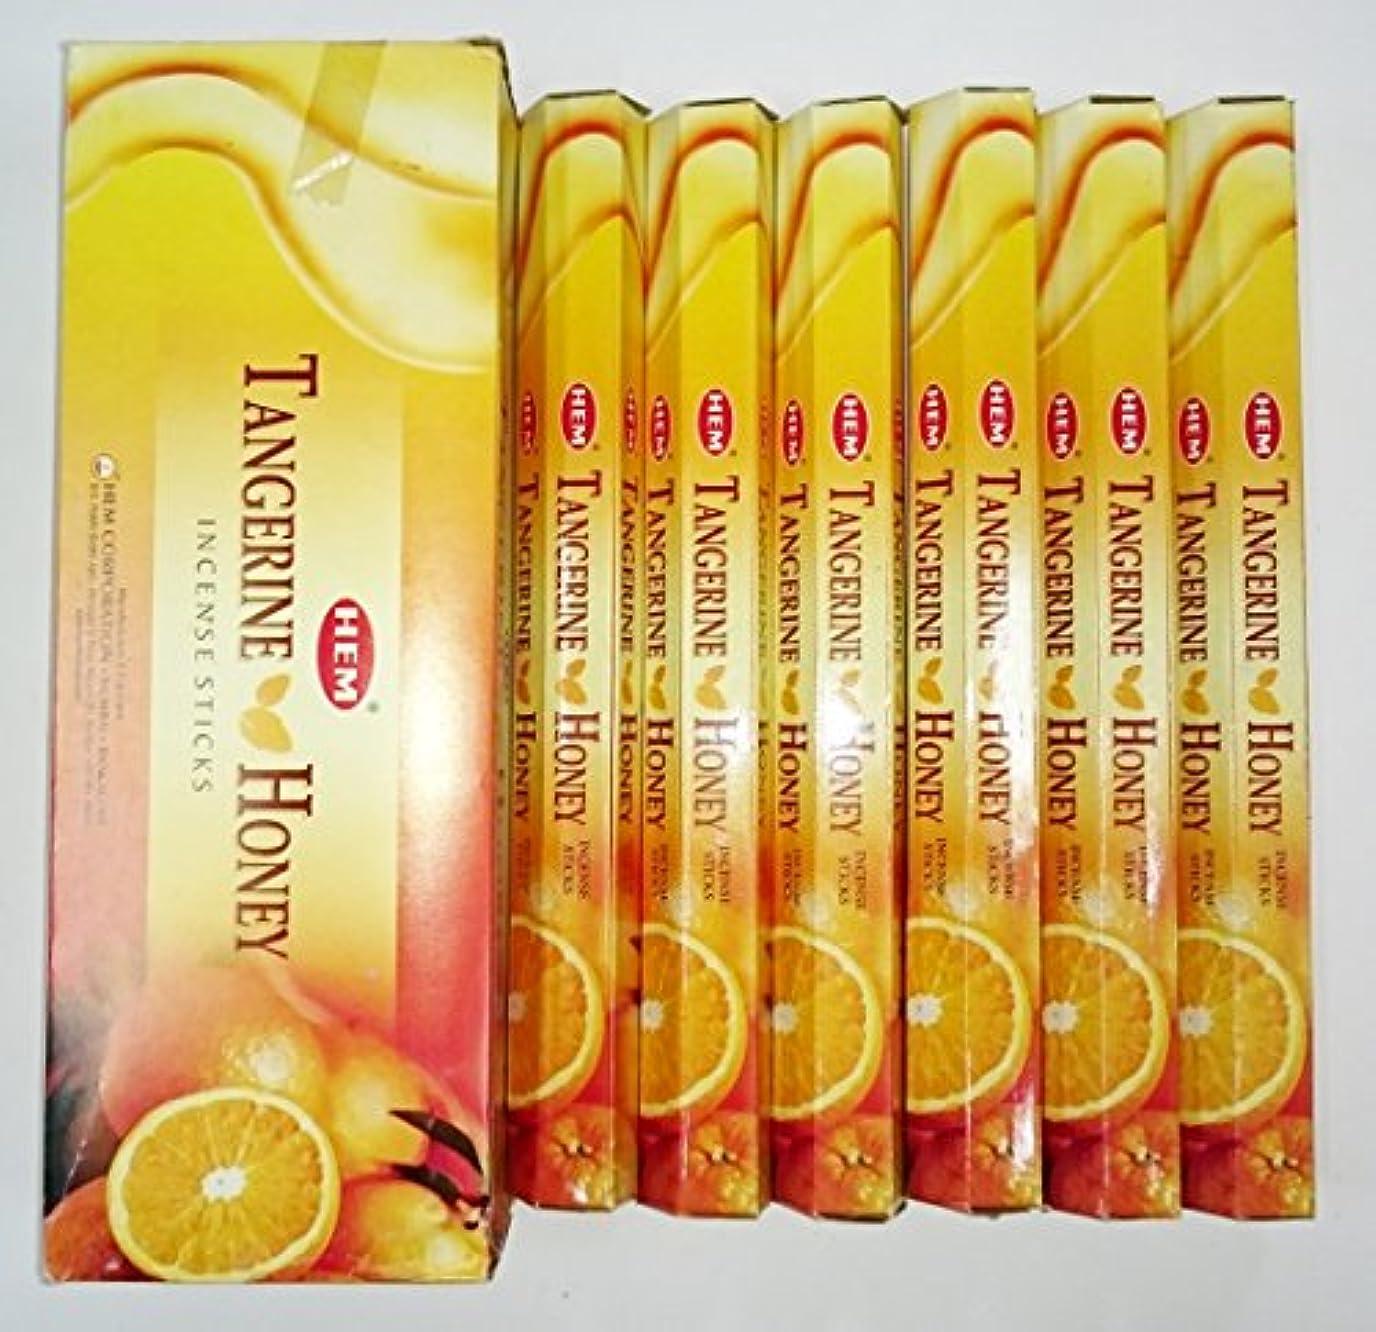 芝生パックリラックスしたHEM (ヘム) インセンス スティック へキサパック タンジェリンハニー 6角(20本入)×6箱 [並行輸入品]Tangerine Honey